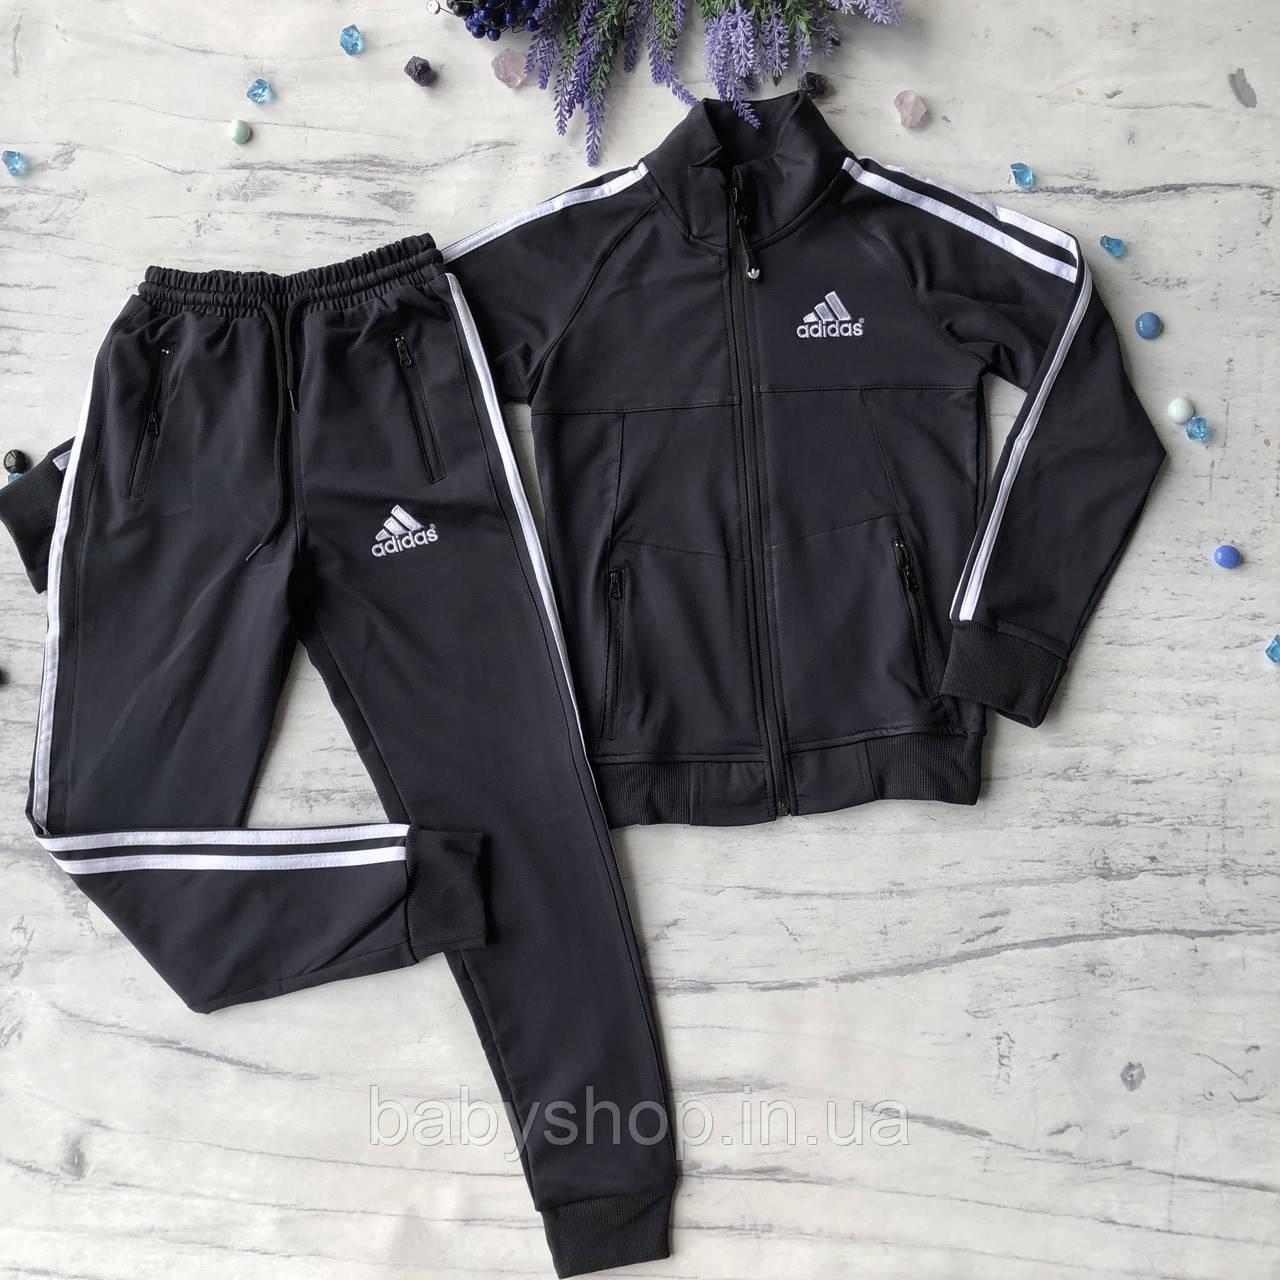 Теплый костюм на мальчика в стиле Adidas 170. Размер 128 см, 140 см, 152 см, 164 см